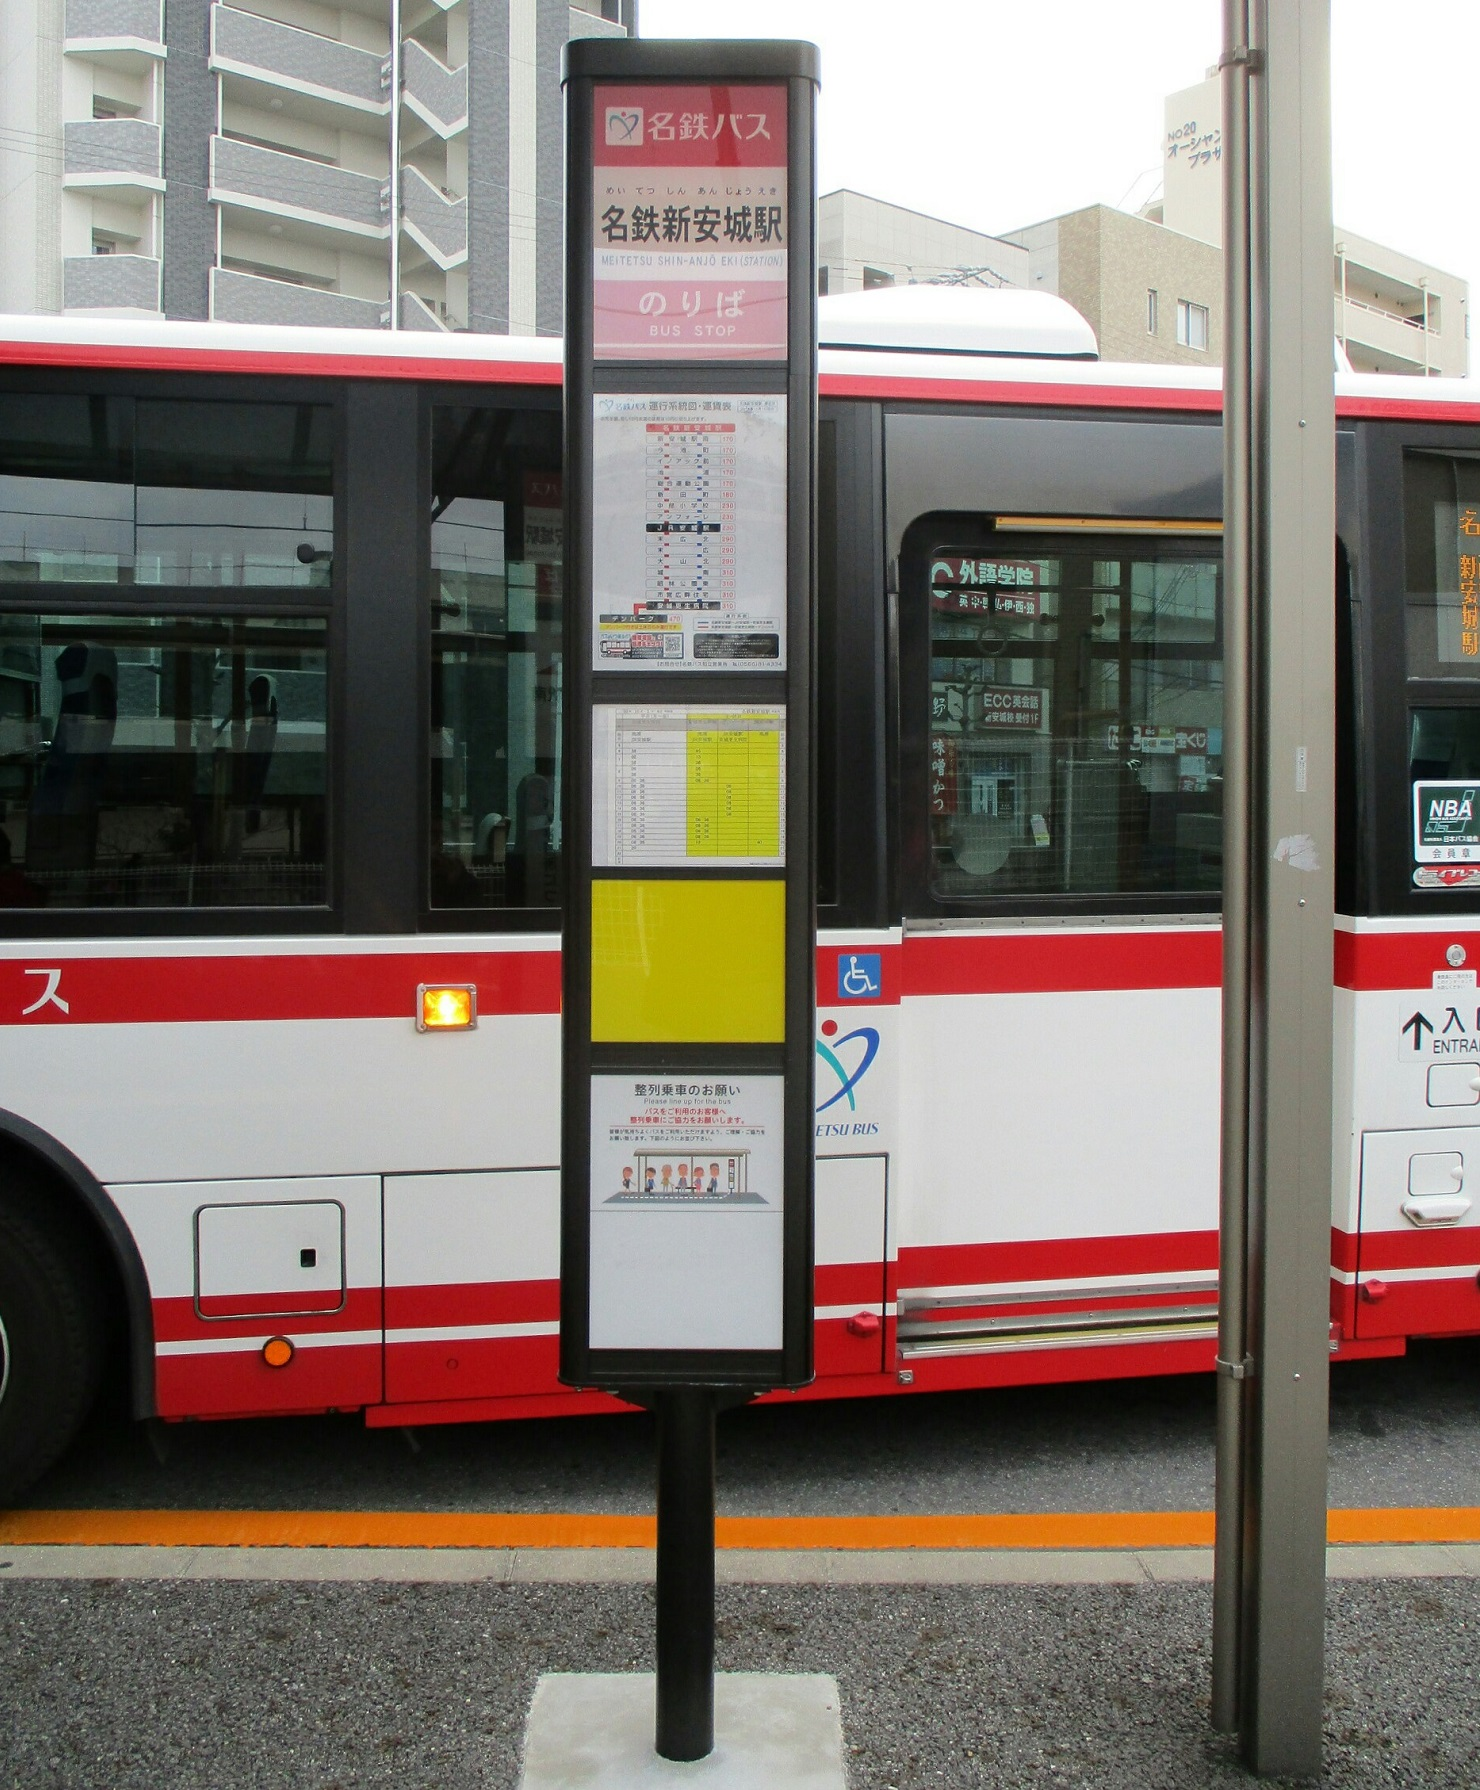 2019.2.24 (25) しんあんじょう - しんあんじょういきバス 1480-1790